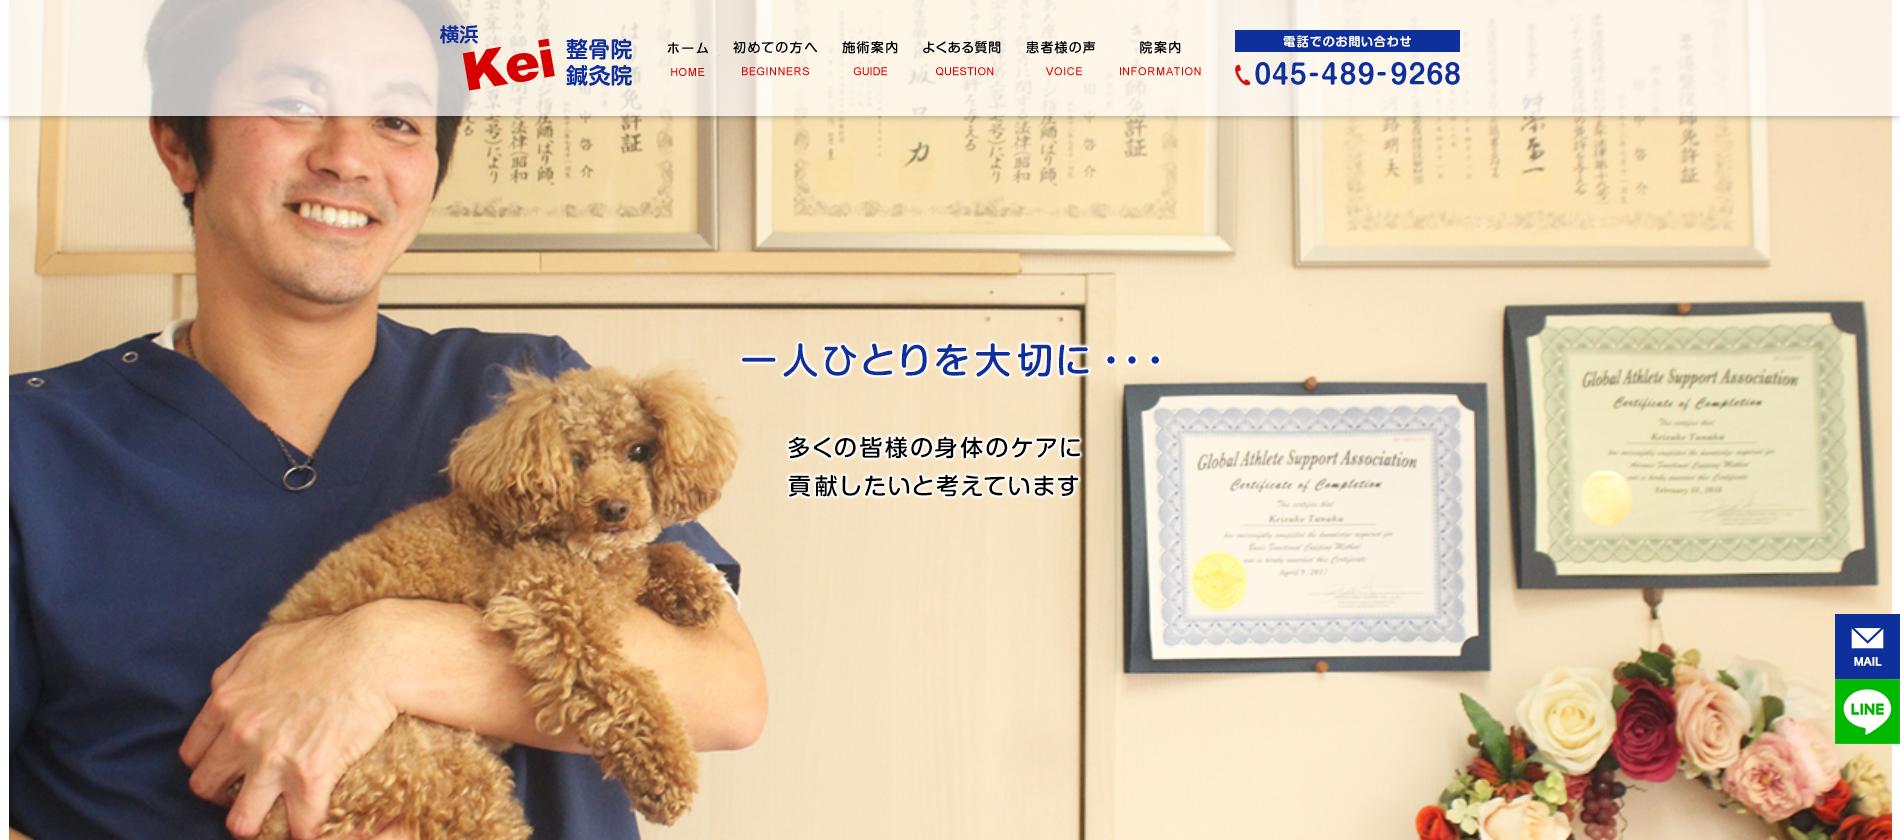 横浜kei整骨院・鍼灸院のサムネイル